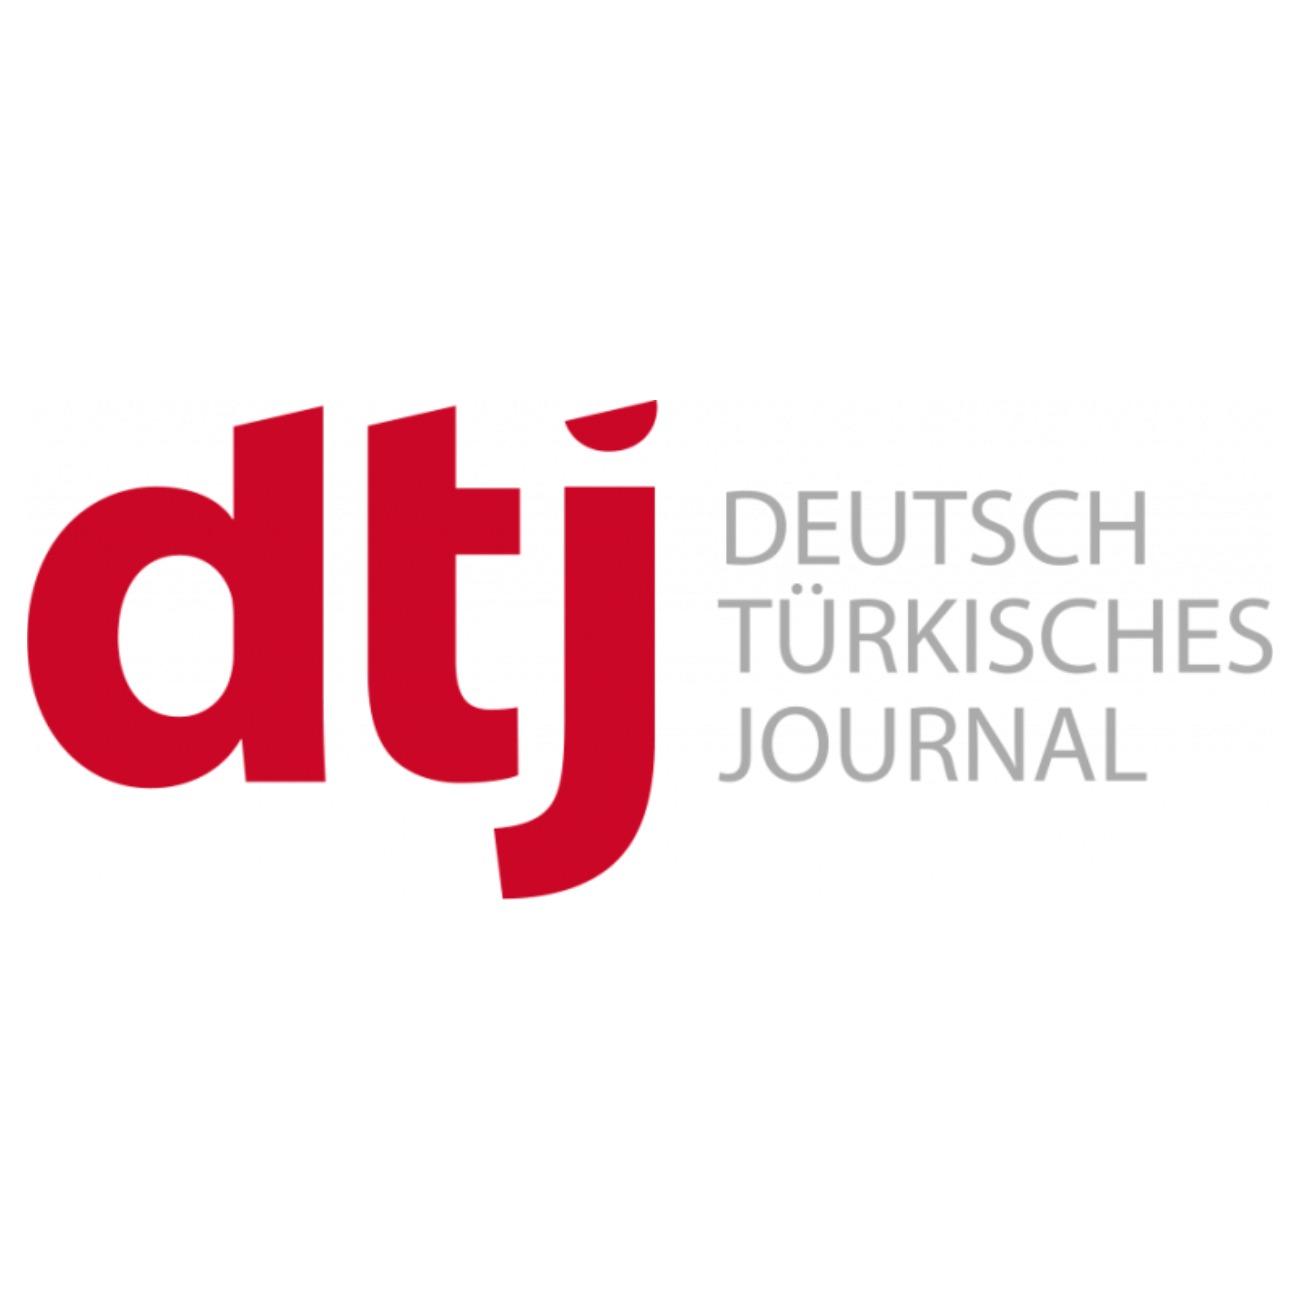 deutsch turkisches journal logo